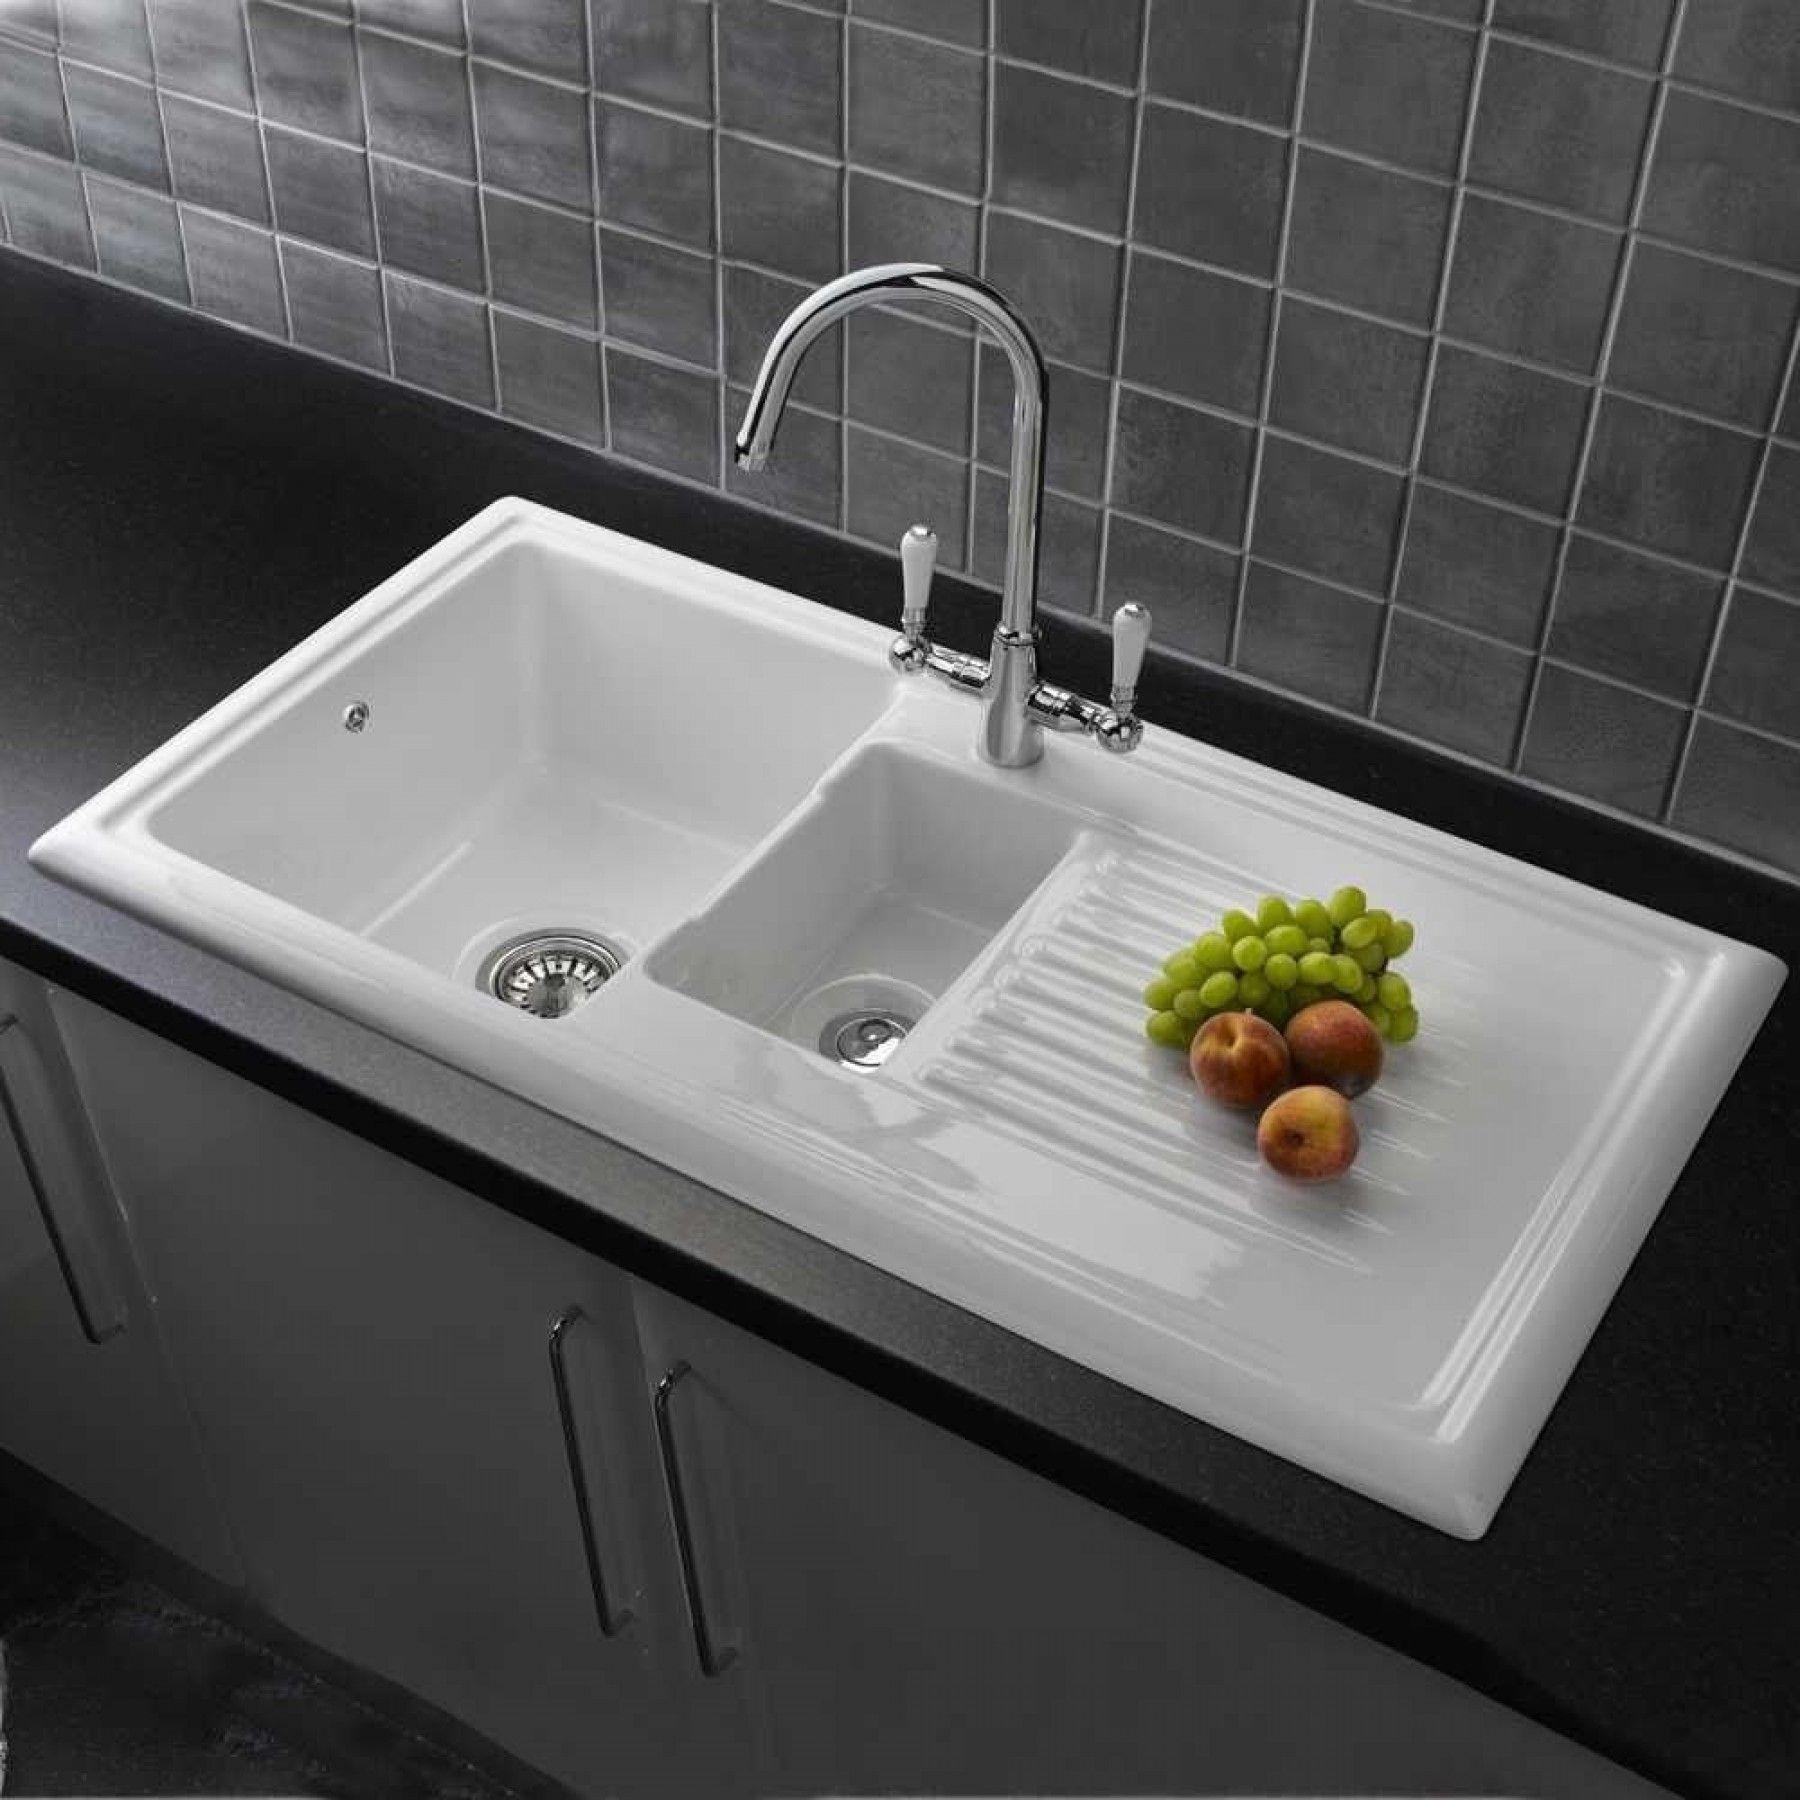 Reginox RL301CW 1.5 Bowl Reversible White Ceramic Kitchen ...